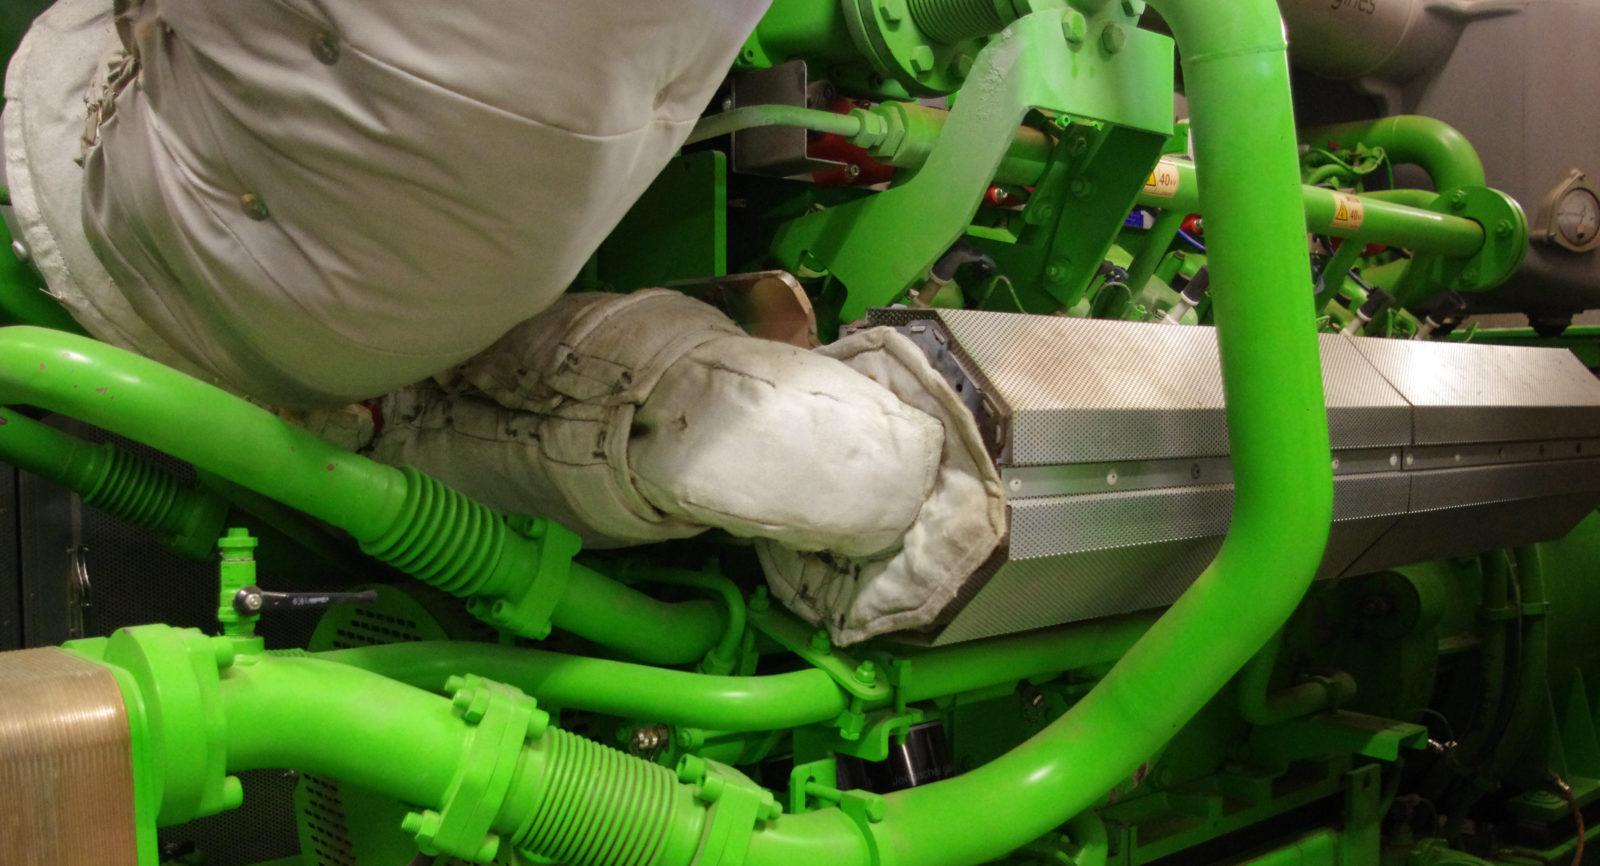 Der 12-Zylinder-Motor der Jenbacher Baureihe 3 hat bei der Evaluation überzeugt. Heute liegt die Auslastung bei 96 Prozent.